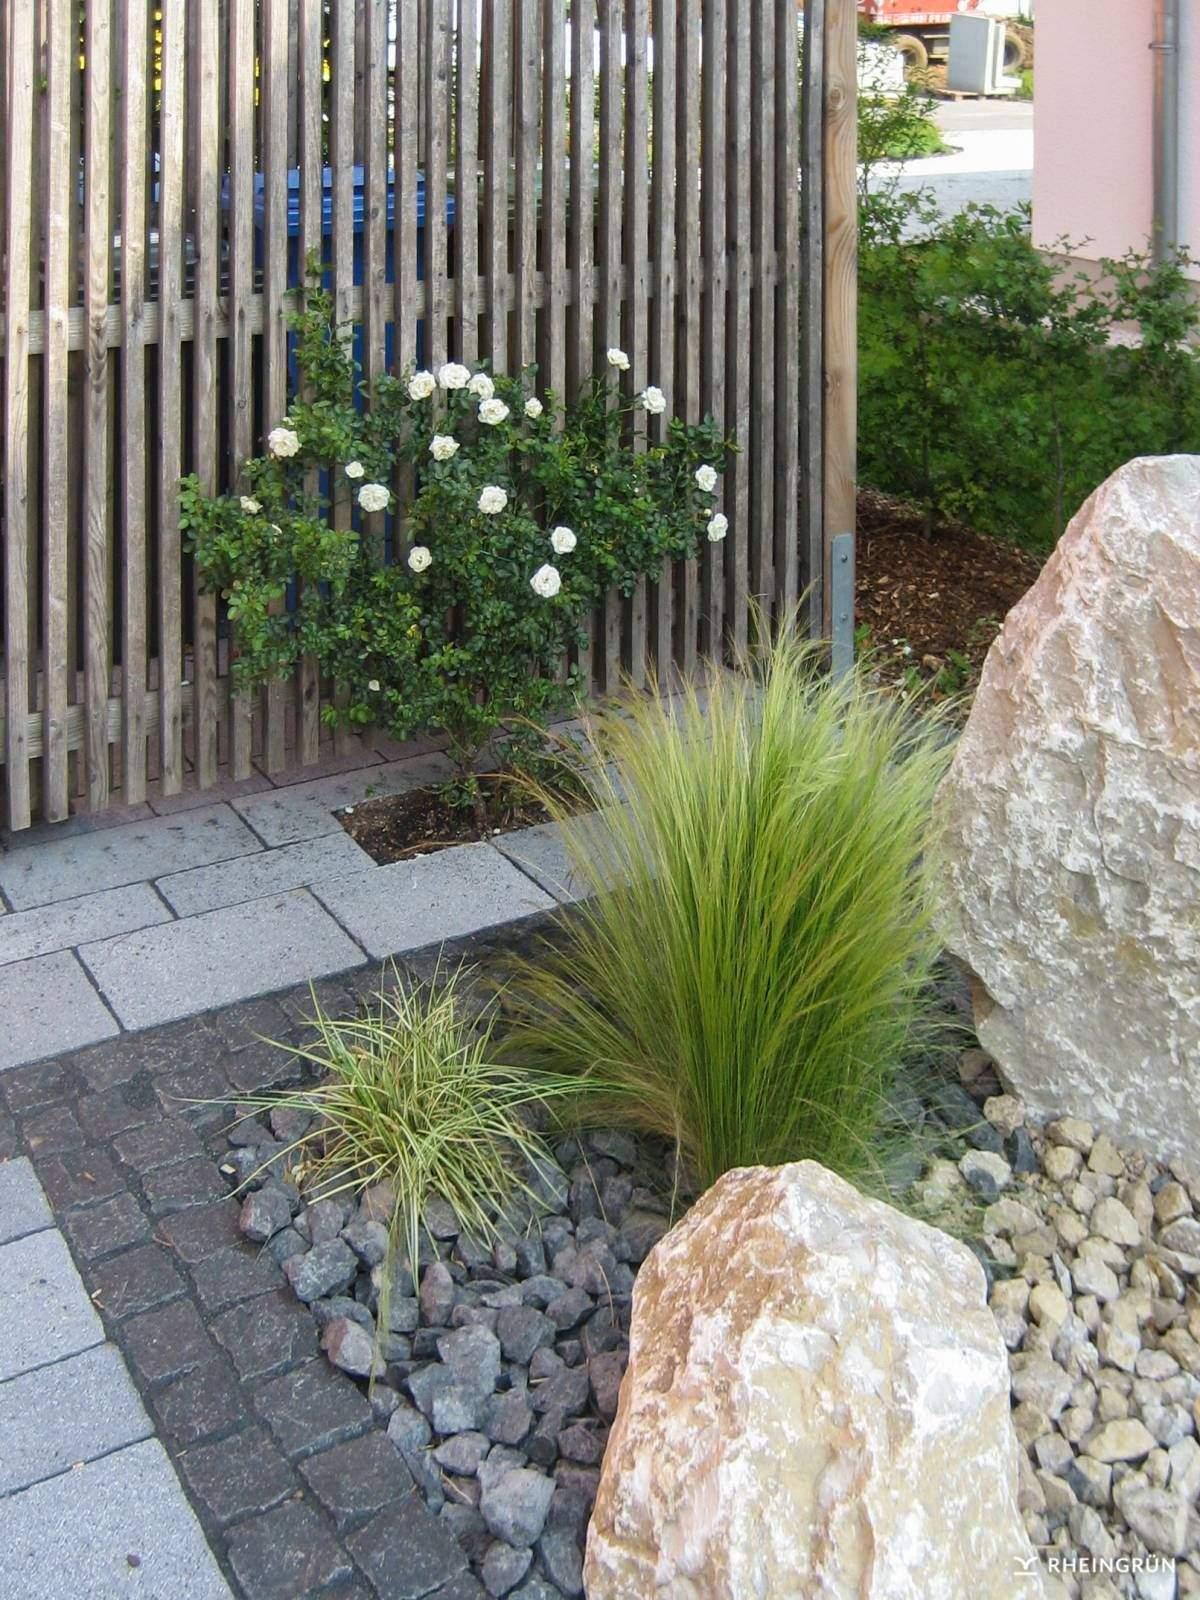 pflegeleichter garten bilder neu pflegeleichter vorgarten mit grosen steinen und grasern of pflegeleichter garten bilder